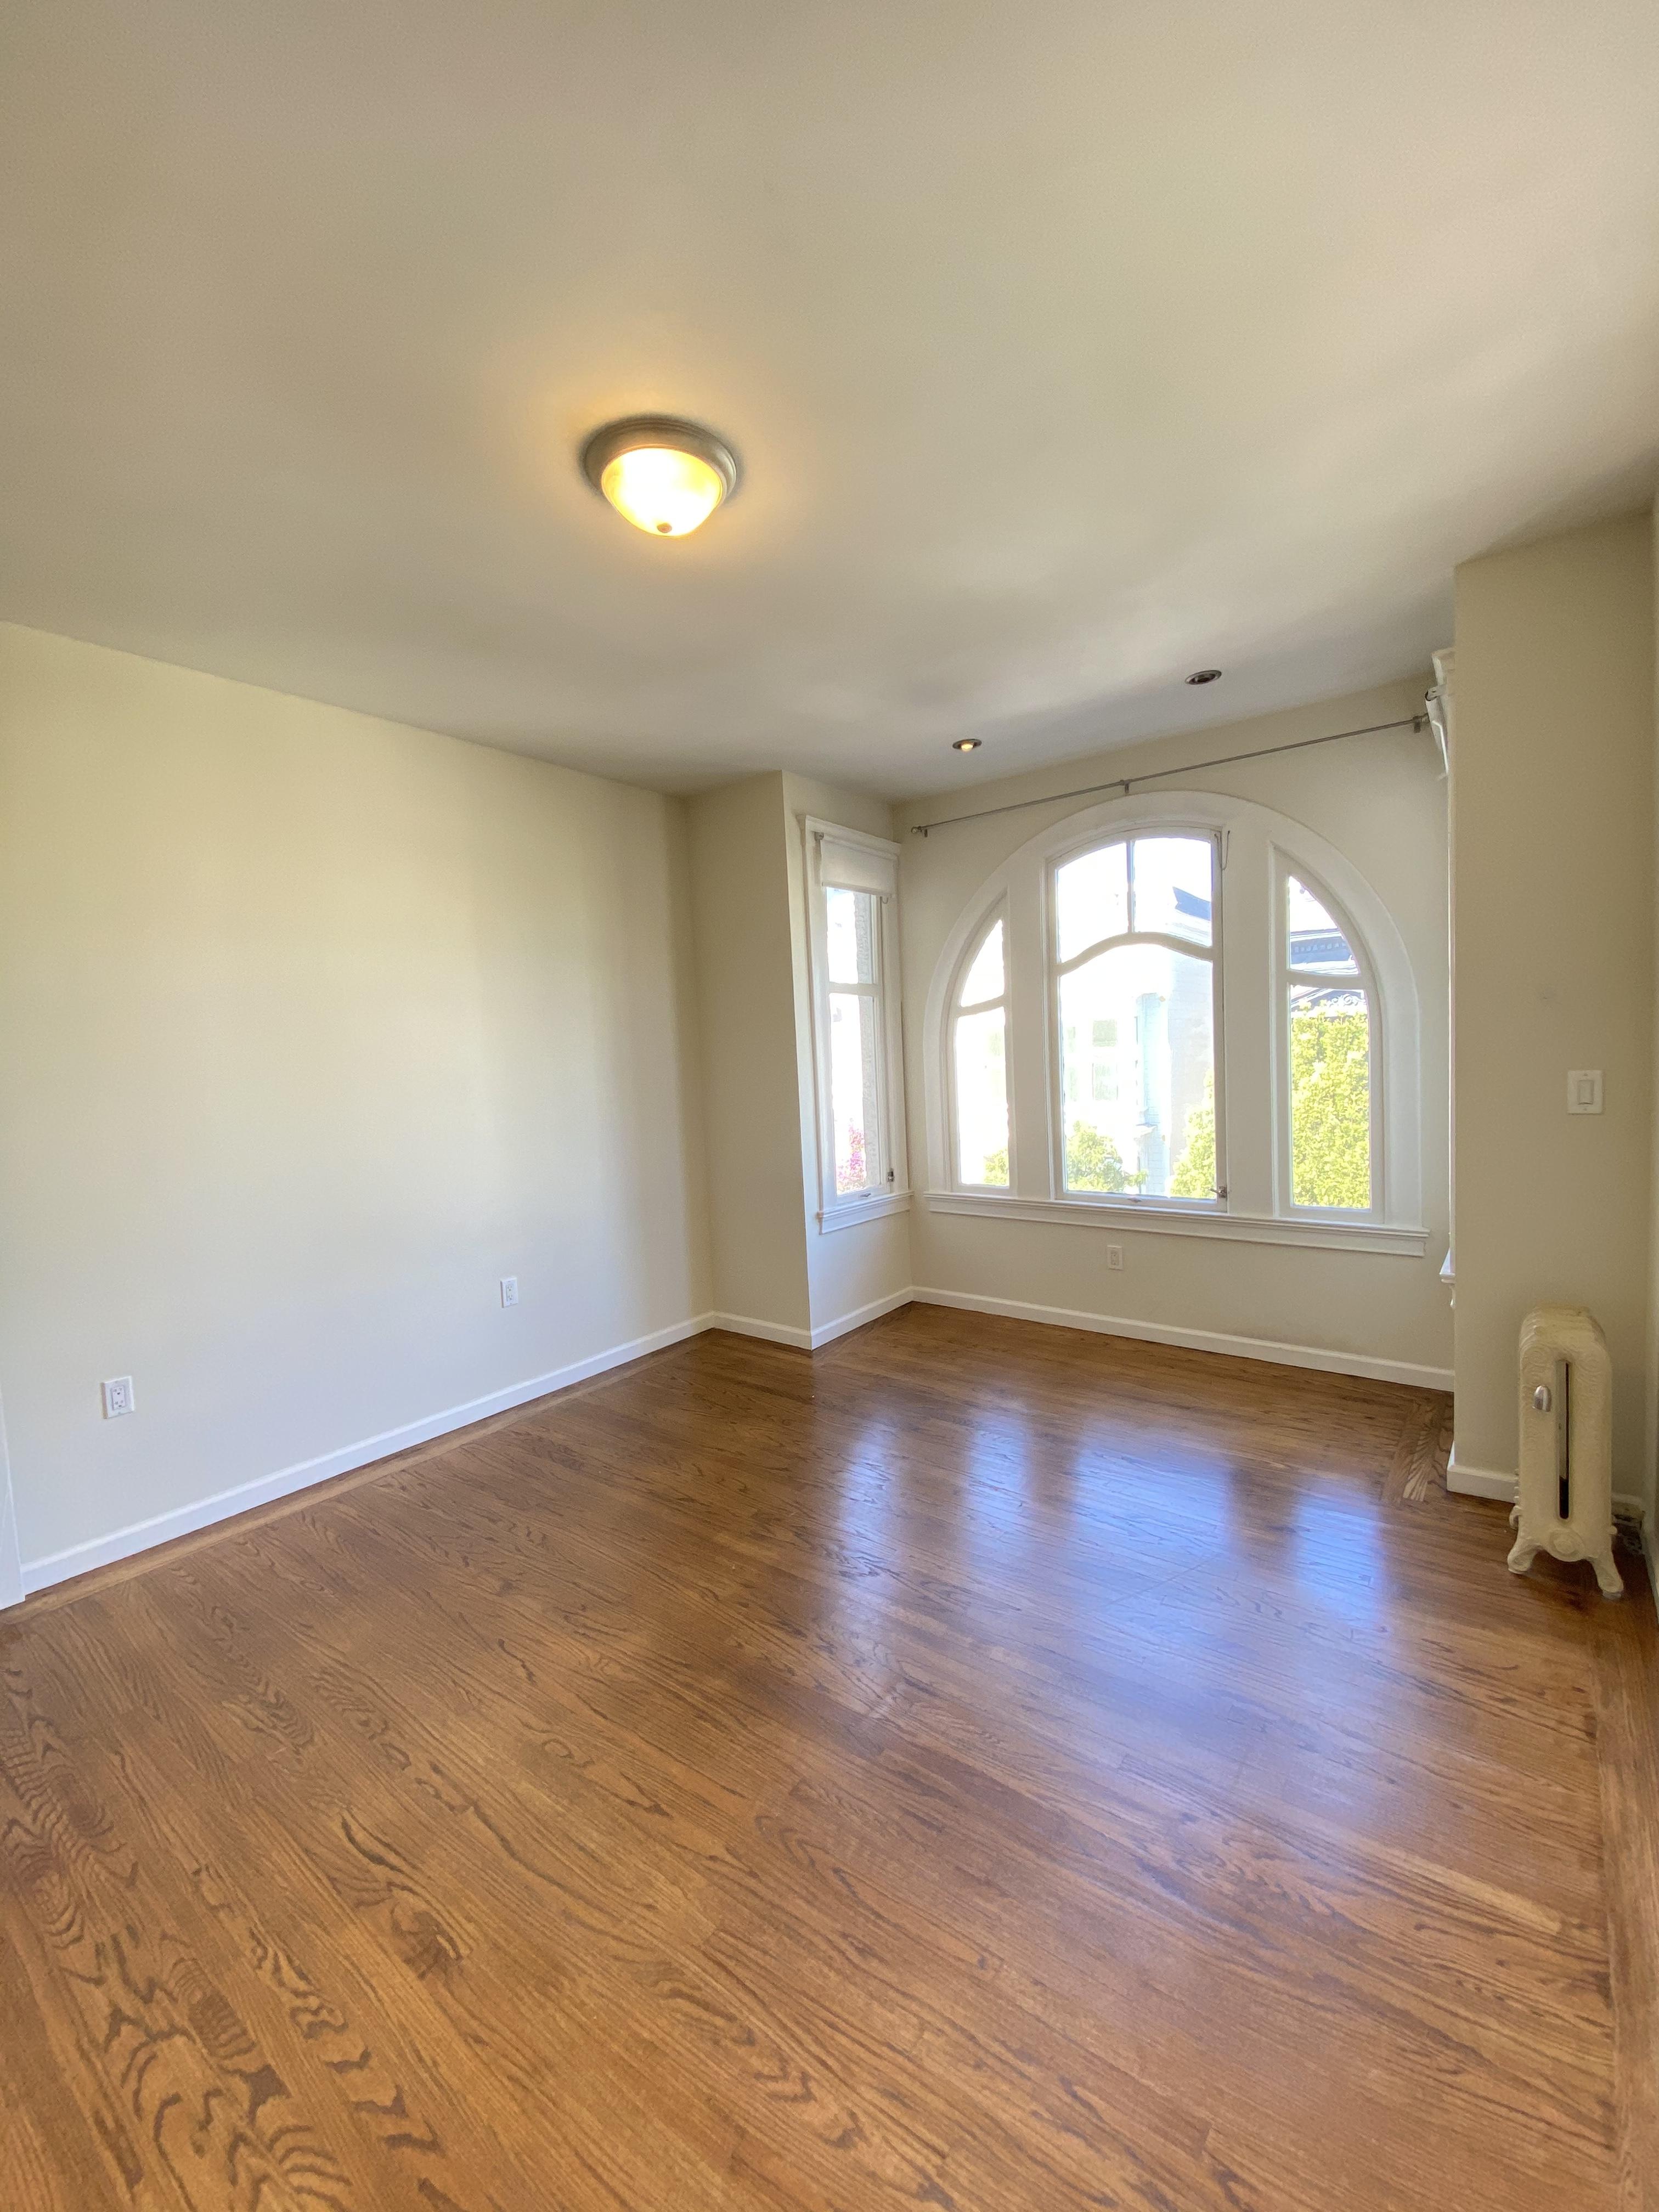 115 Haight Street  # 11, San Francisco , CA, 94102 - 8